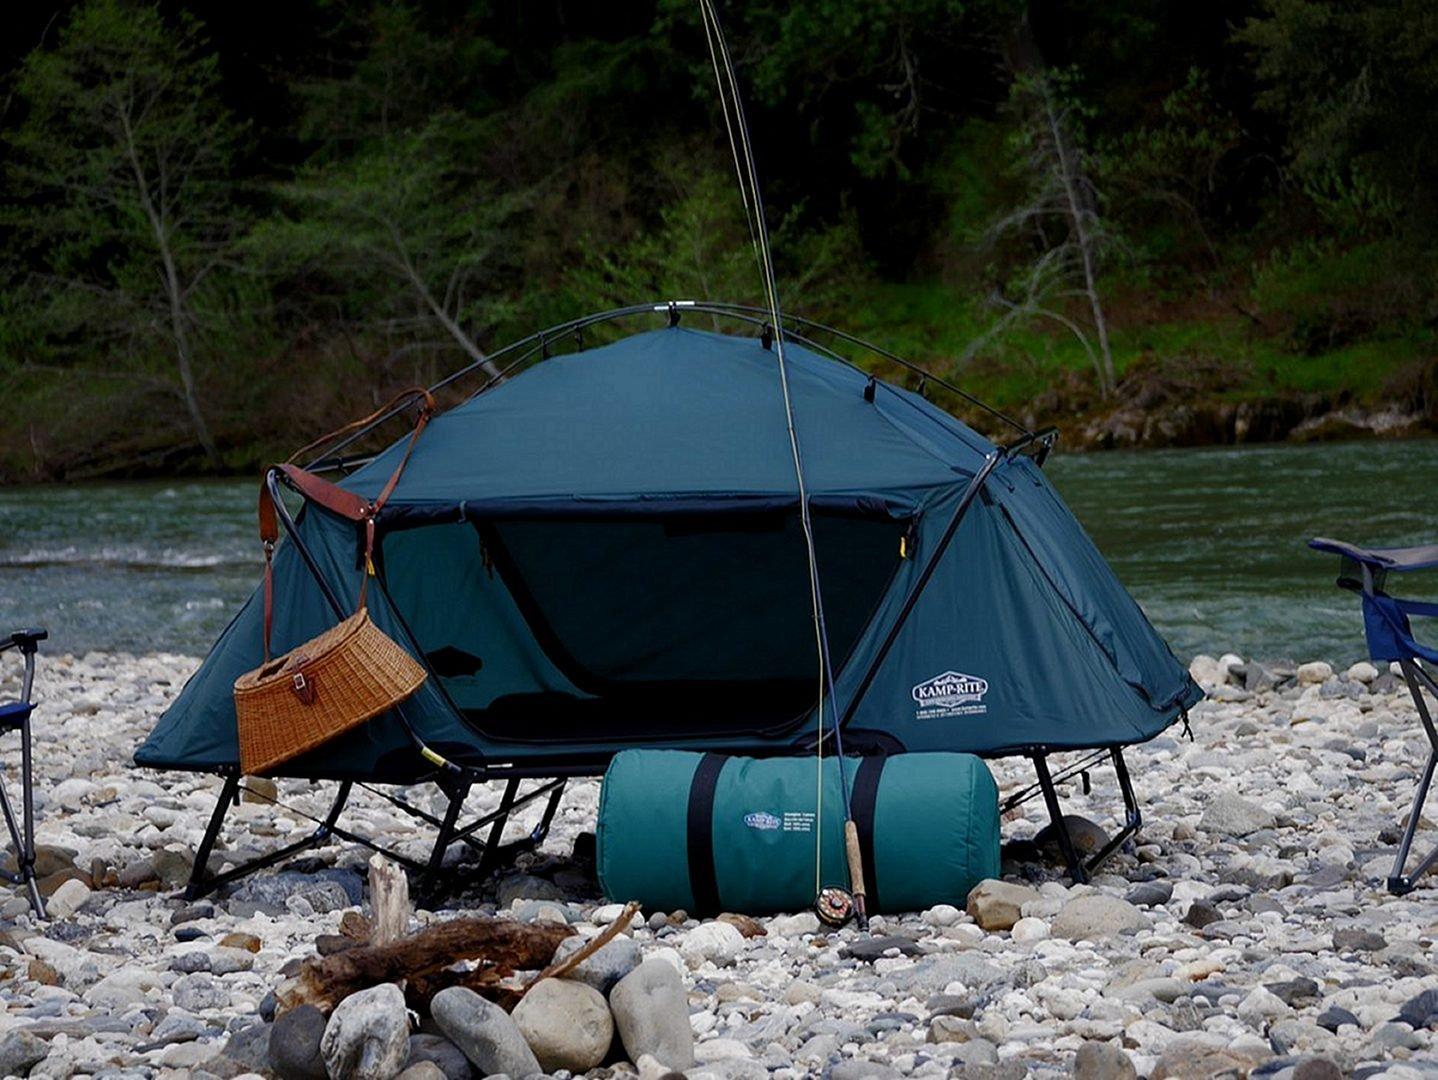 Kamp-Rite Tent Cot